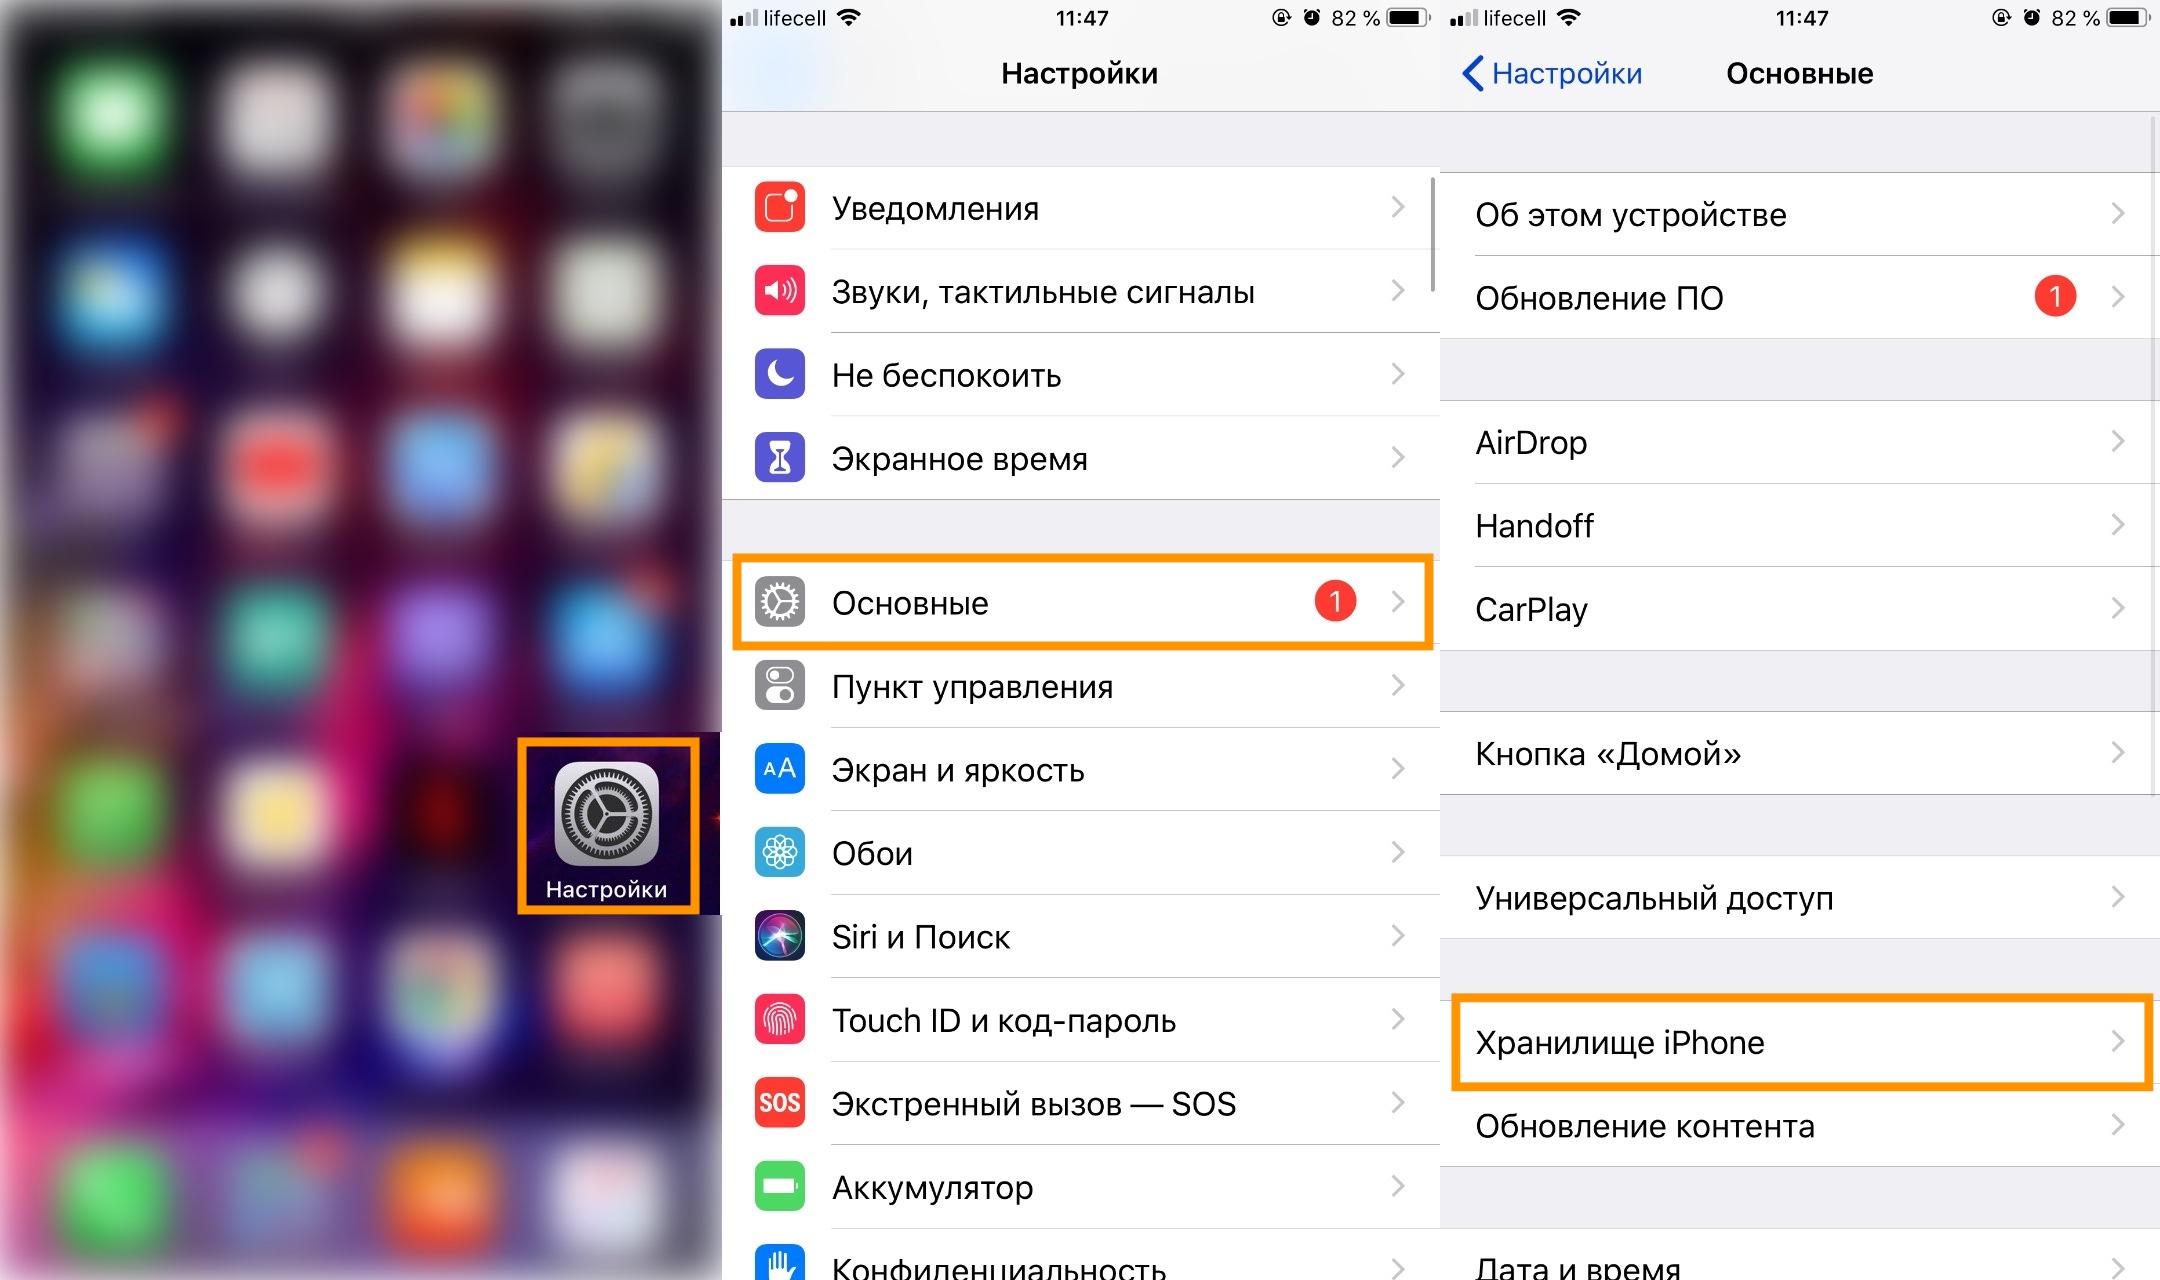 Настройки - Основные - Хранилище iPhone